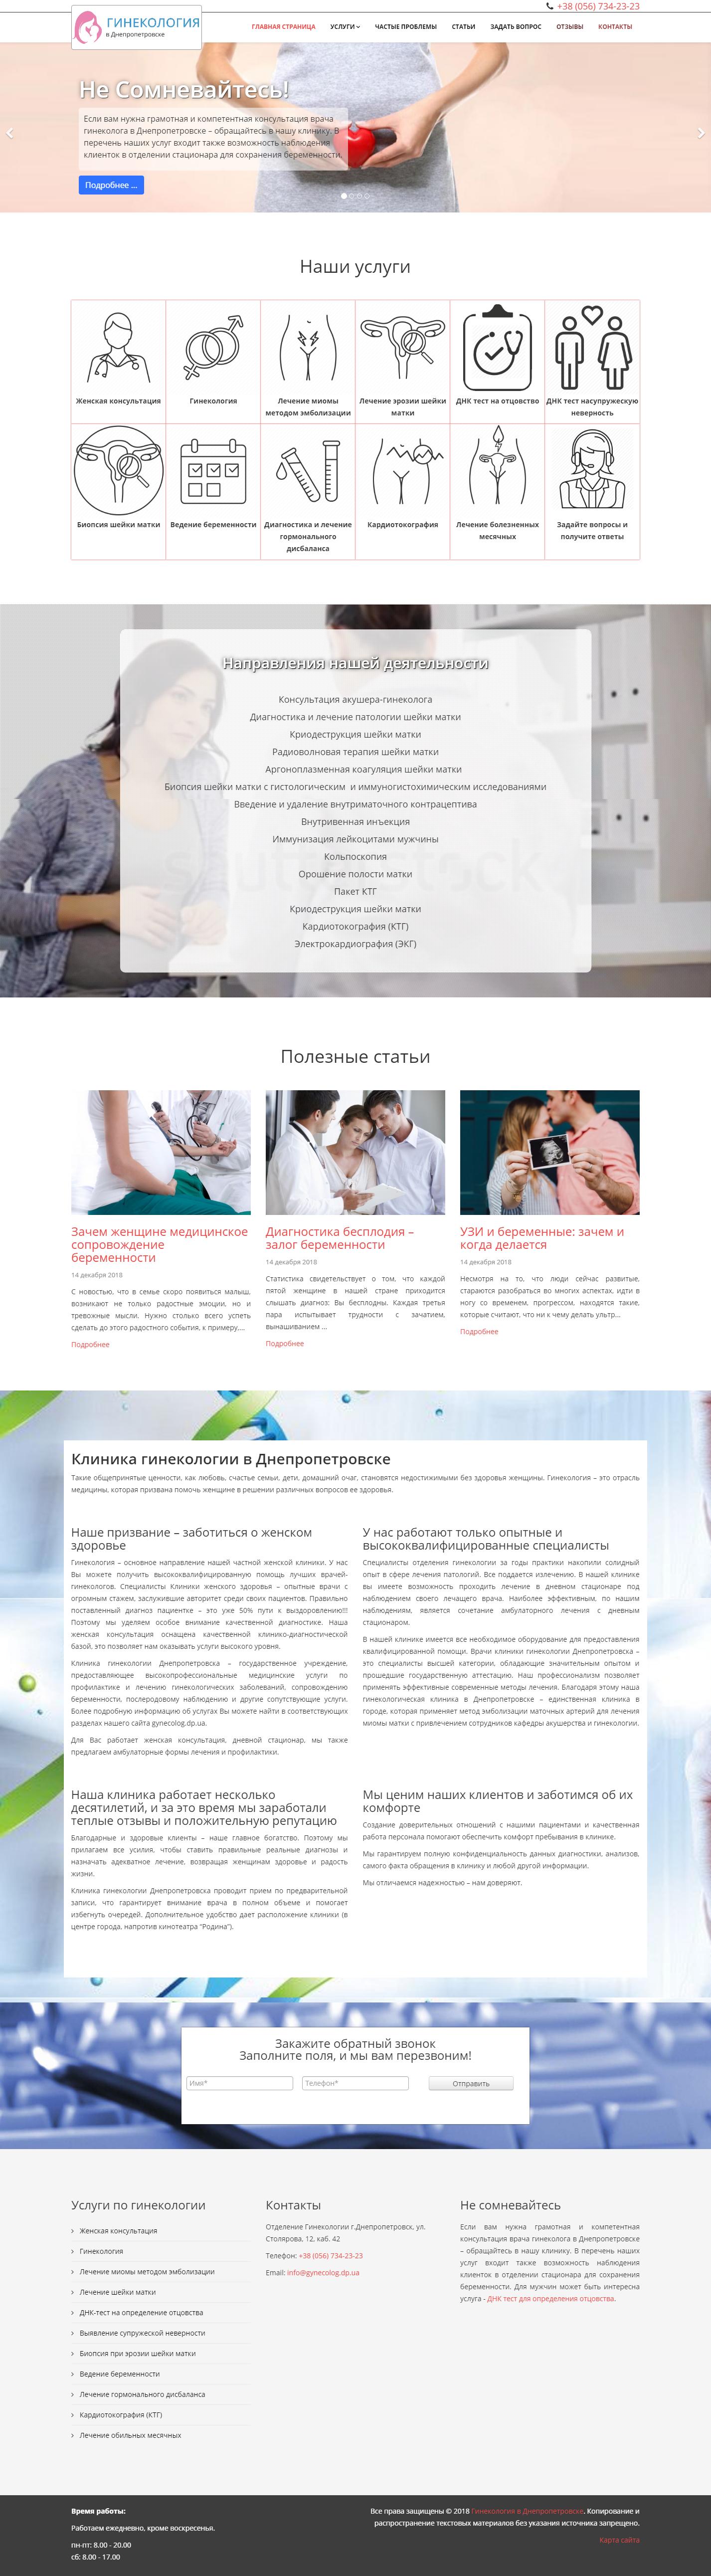 Фото Сайт гинекологической клиники в Днепропетровске